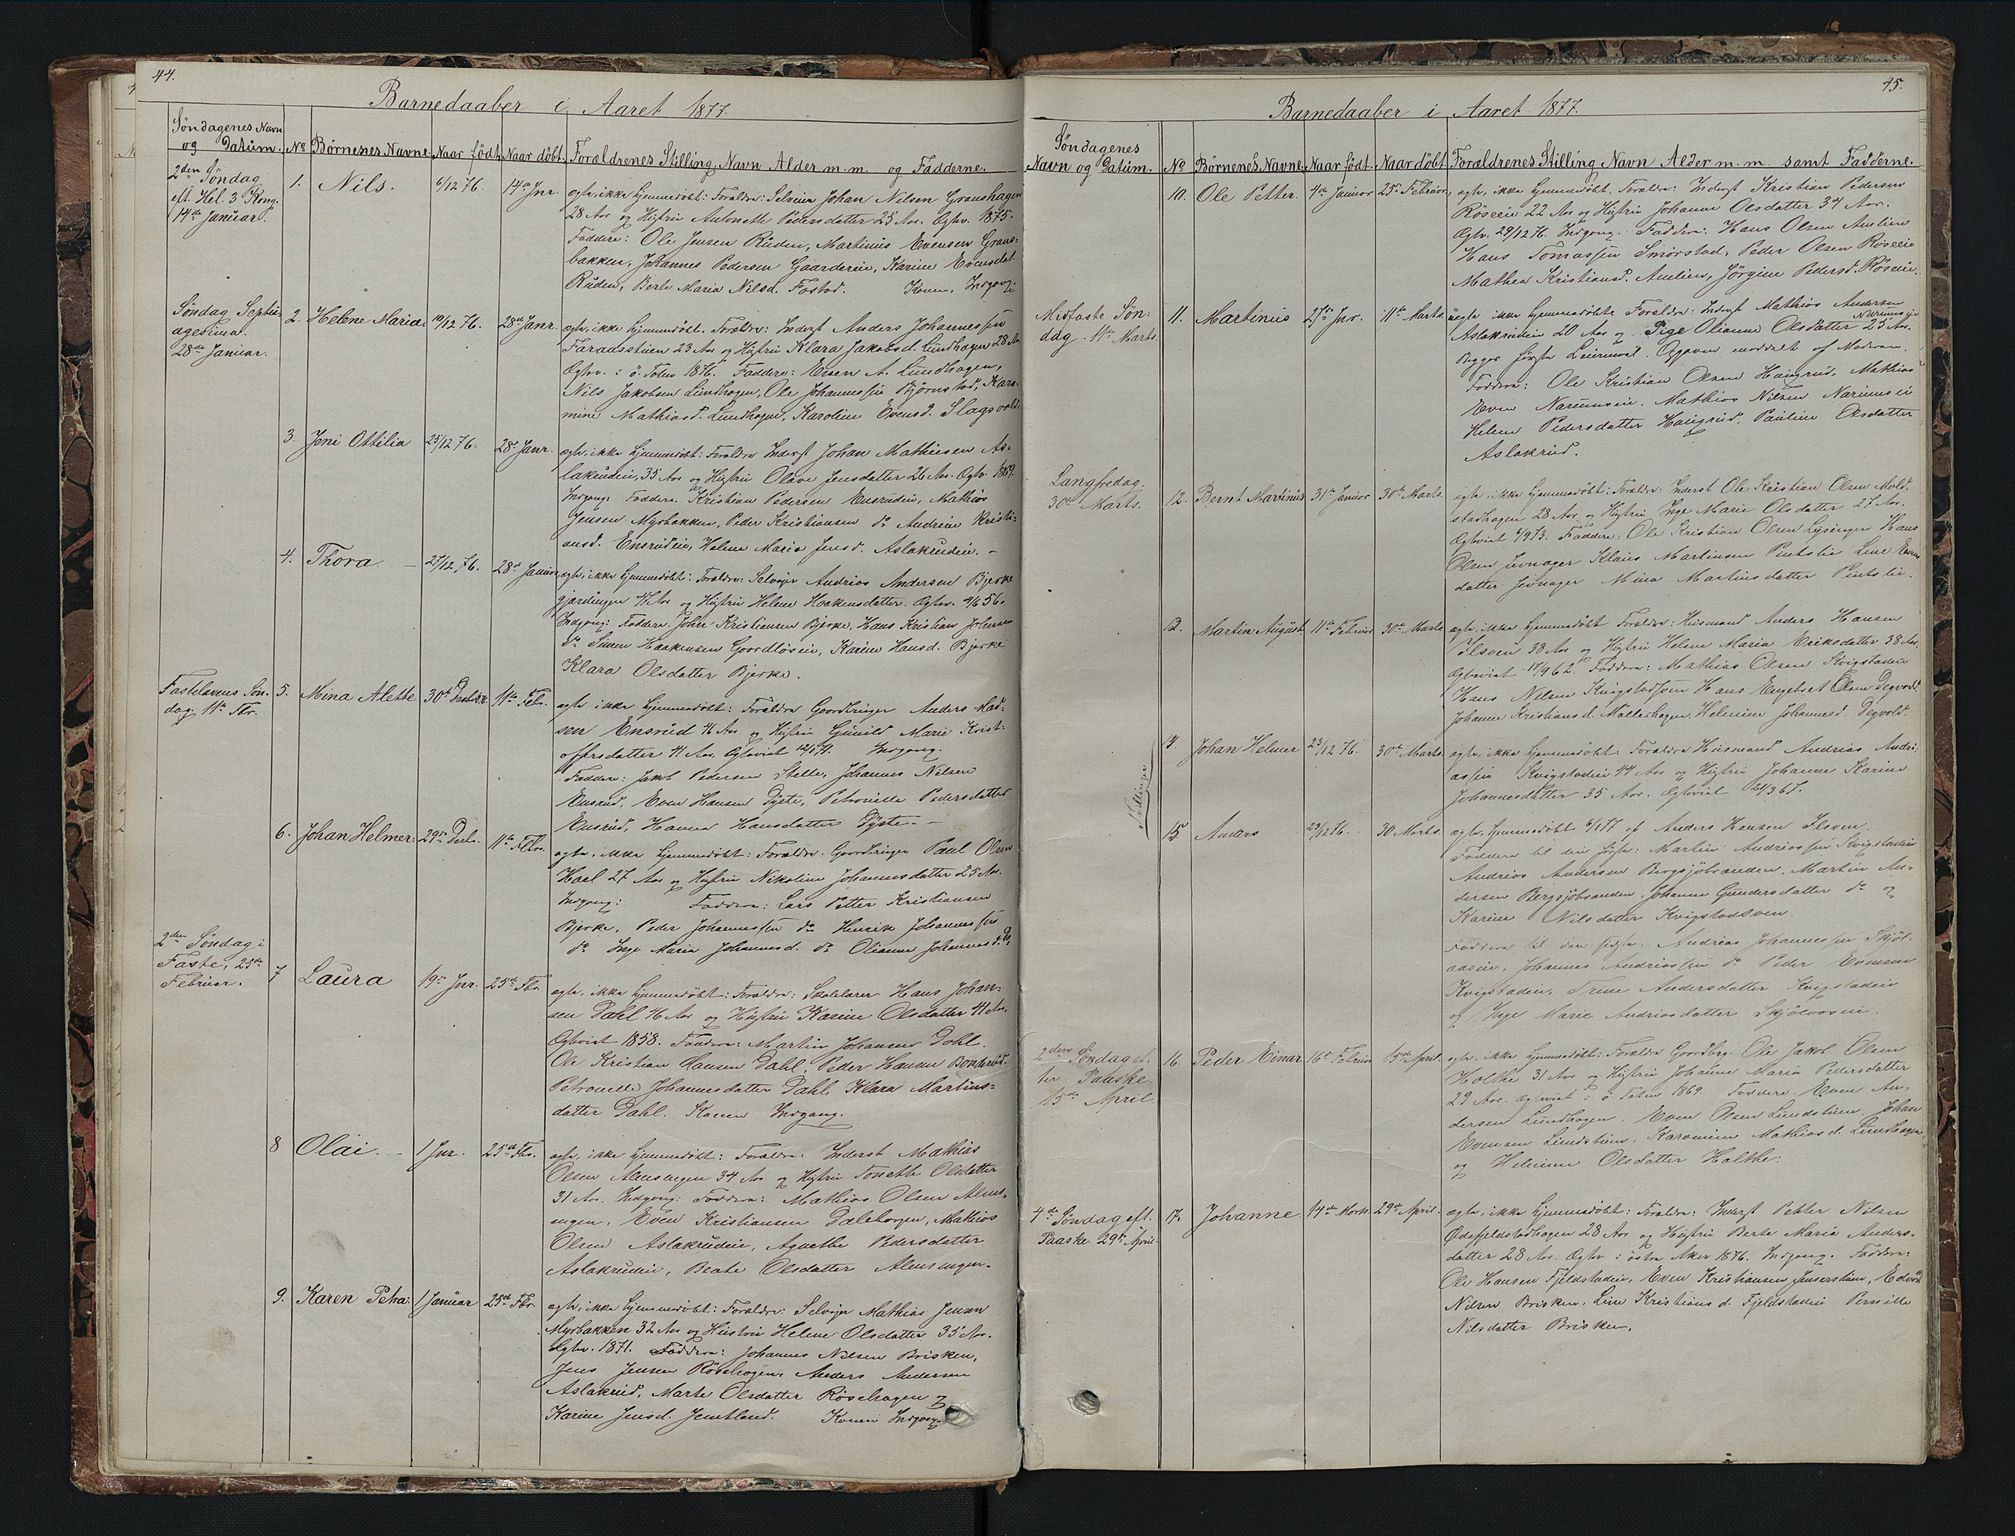 SAH, Vestre Toten prestekontor, Klokkerbok nr. 7, 1872-1900, s. 44-45